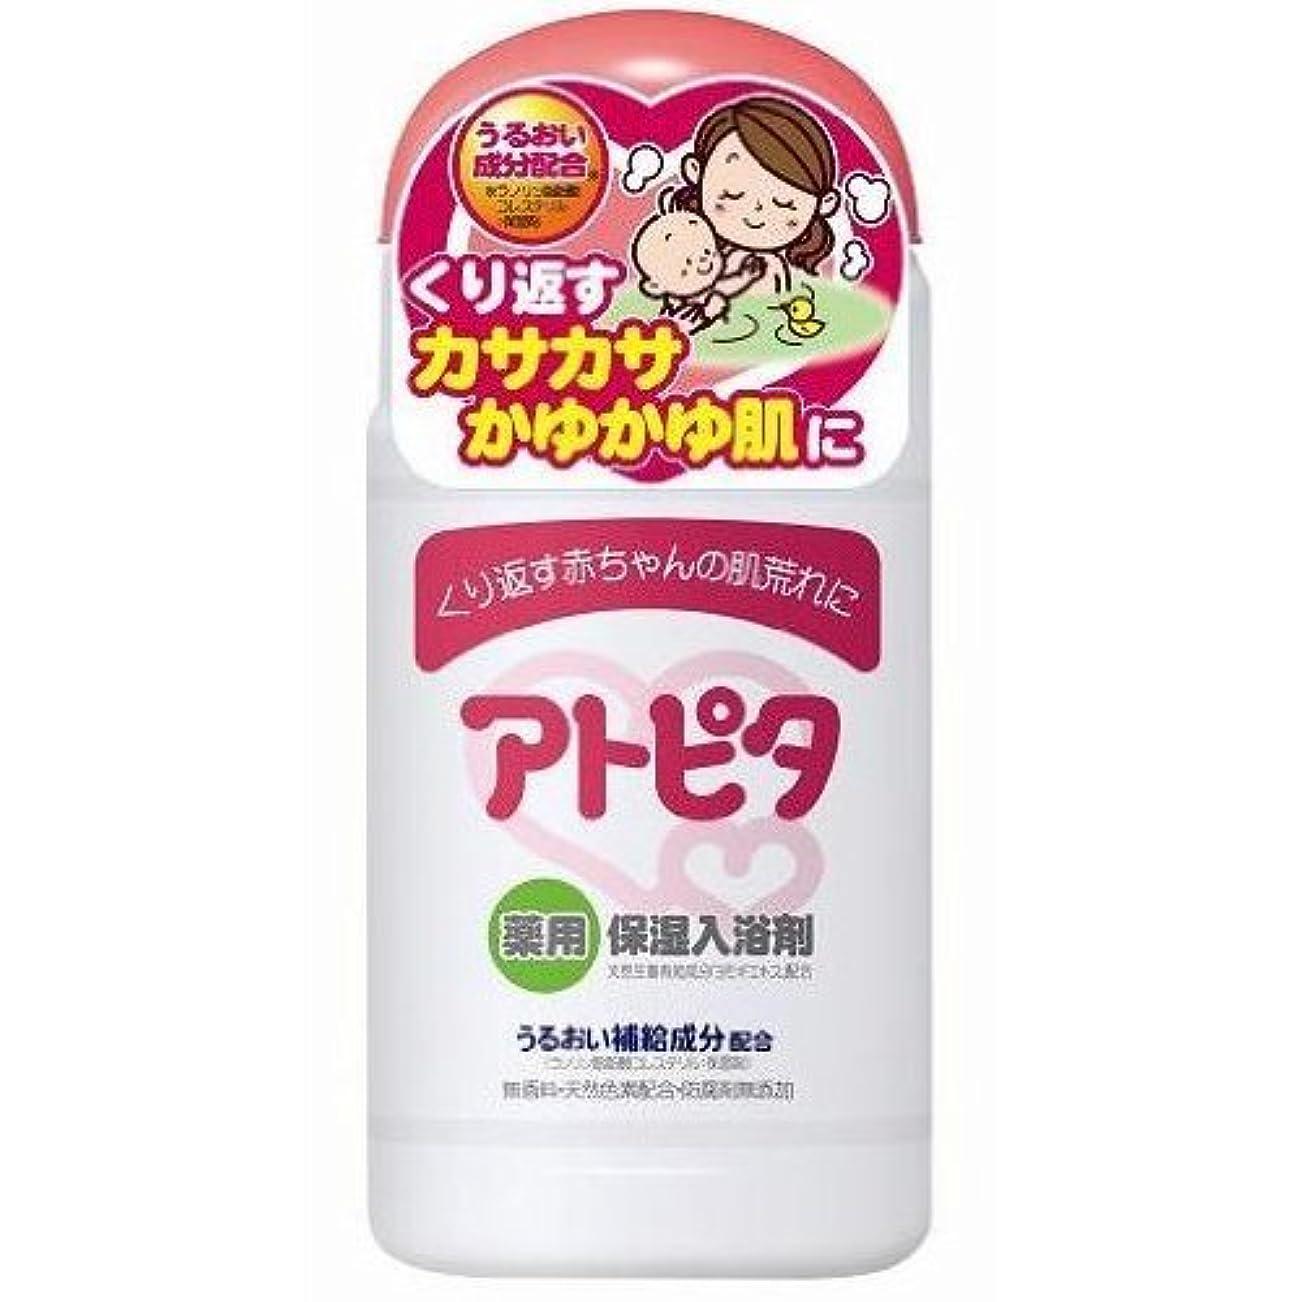 開梱調整大きいアトピタ薬用入浴剤 500g